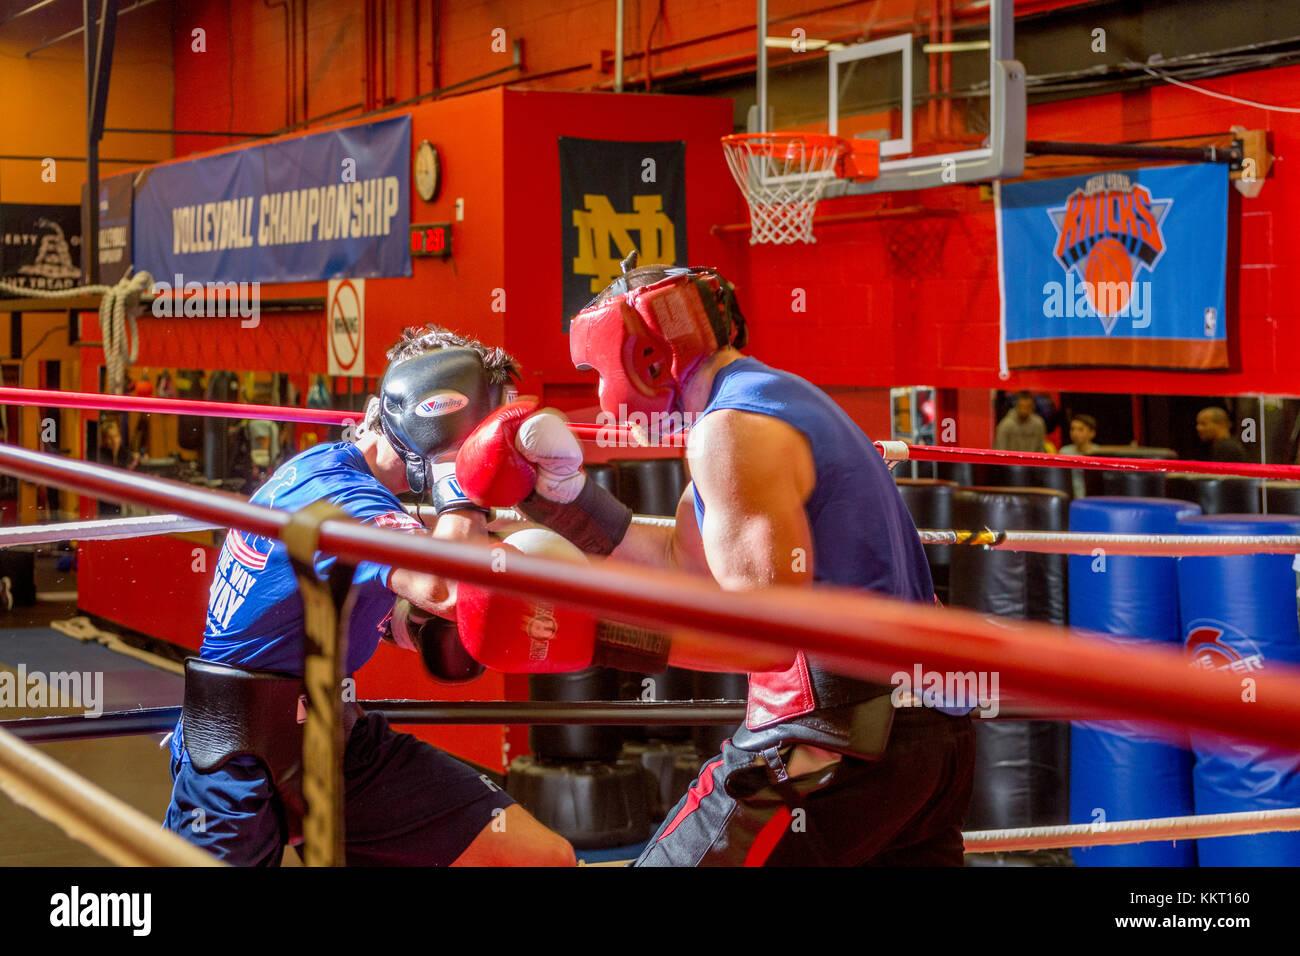 Arkansas amateur boxing